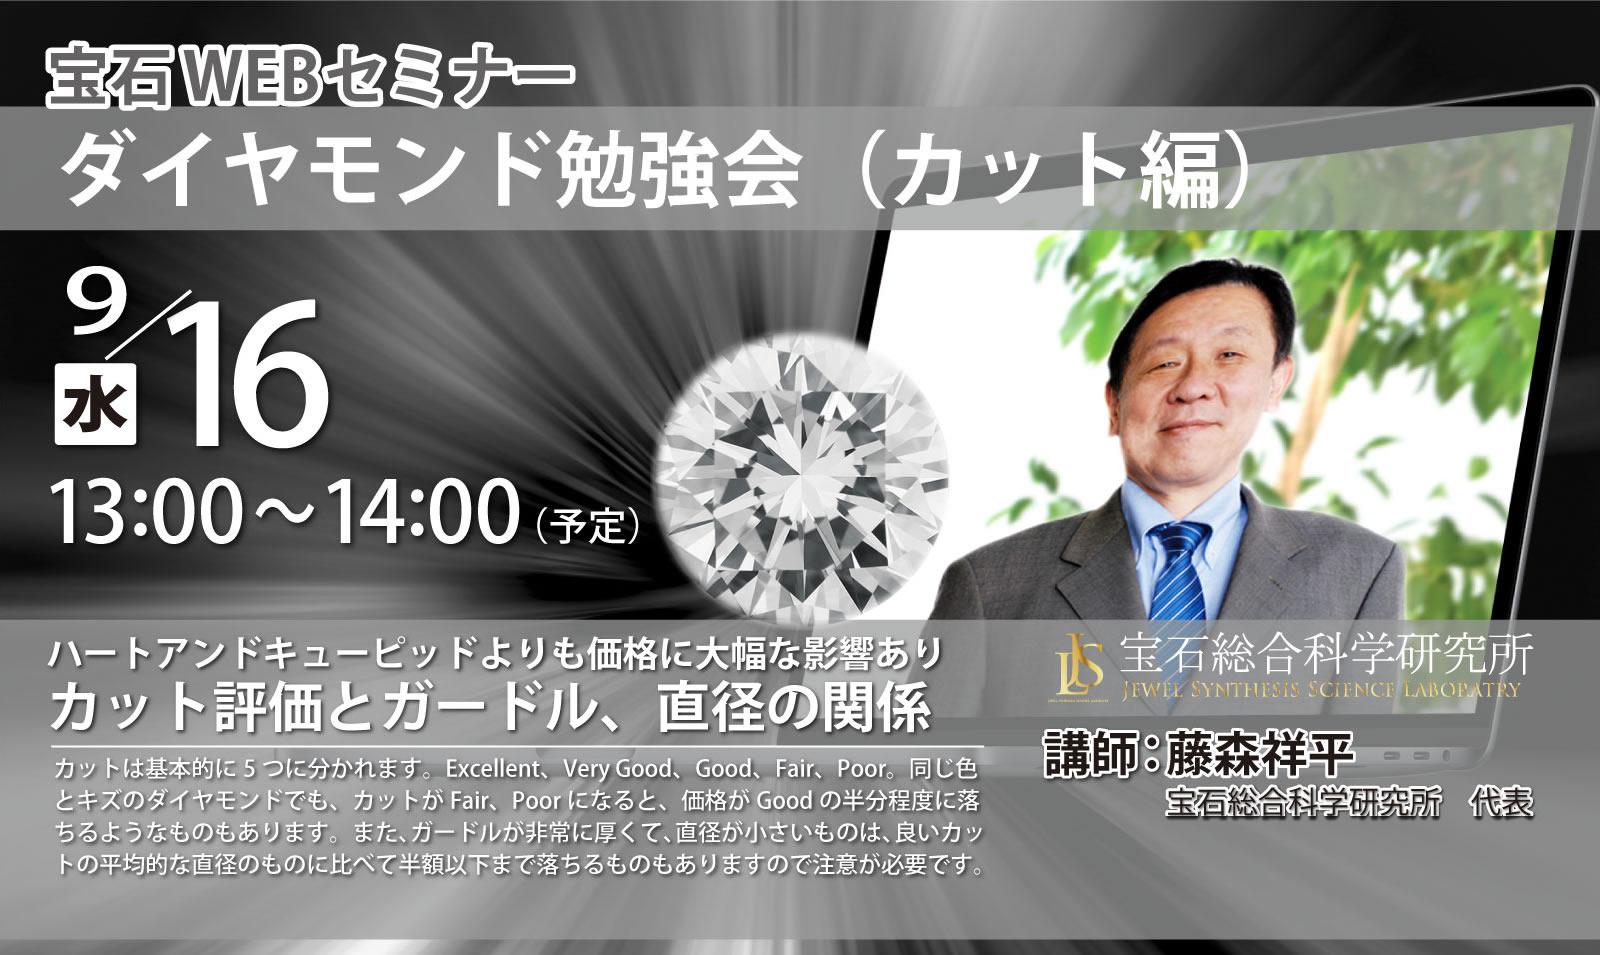 ダイヤモンド(カット編)